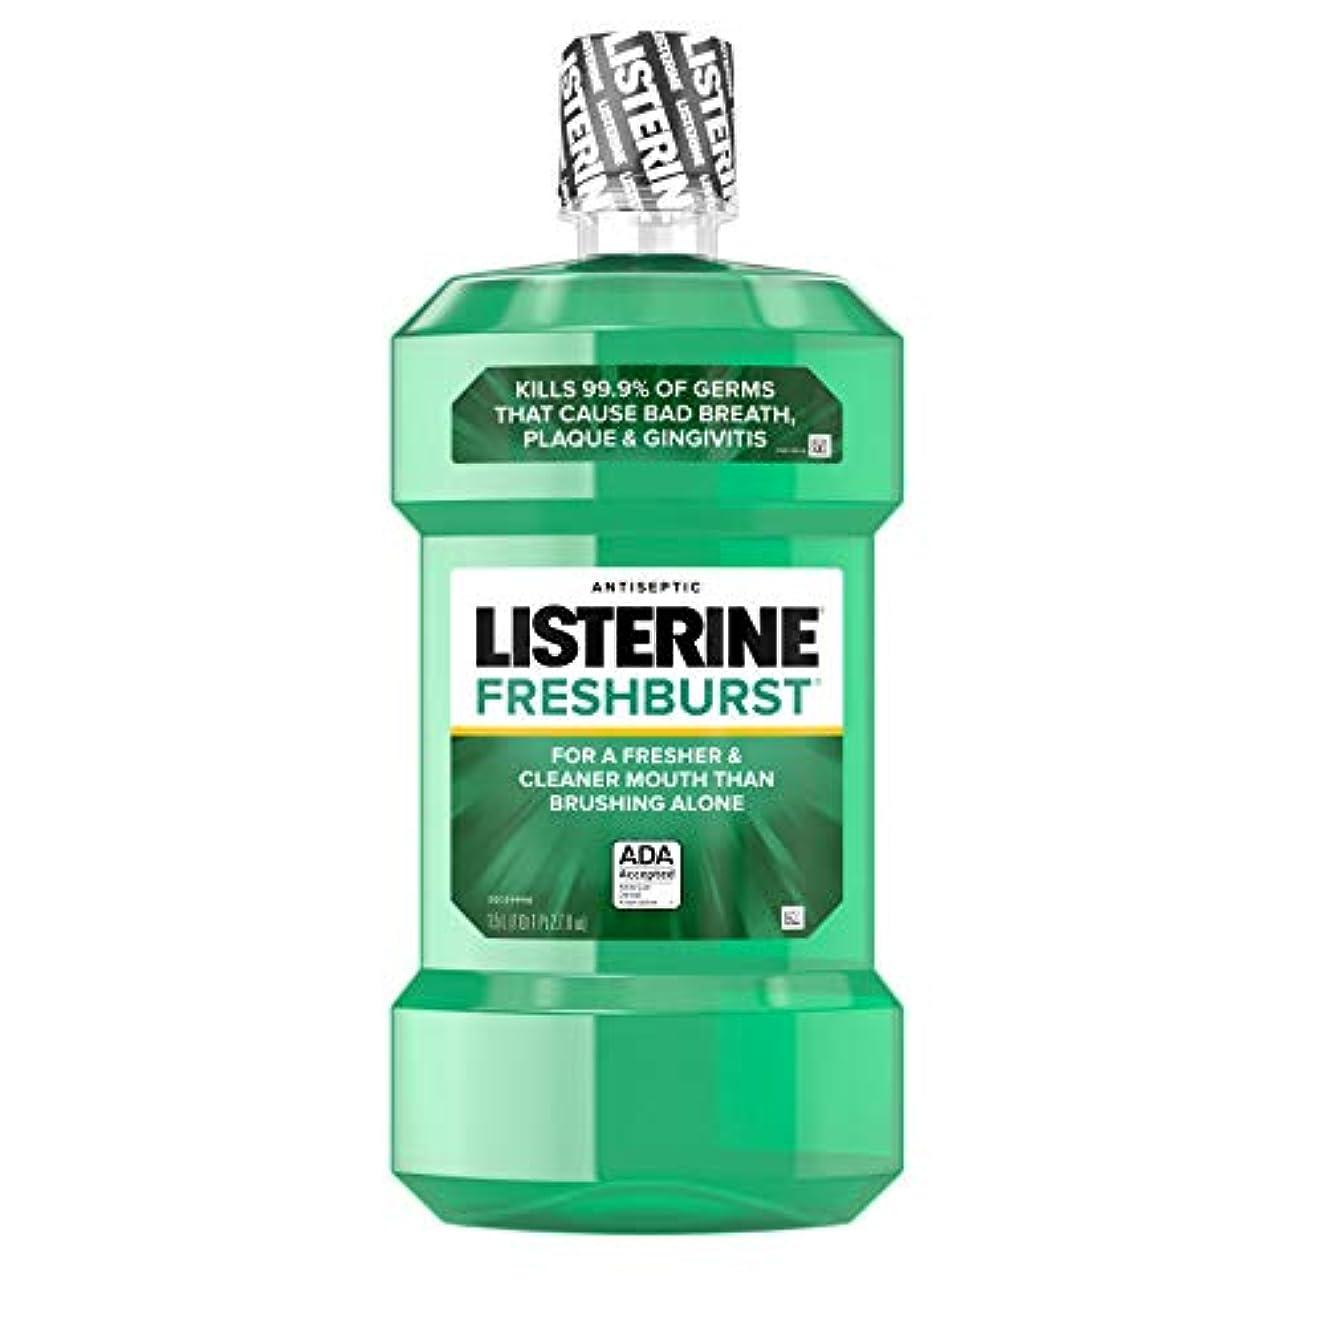 受粉するスキャン大声でListerine 口臭と戦うために生殖?キリングオーラルケアフォーミュラ、プラークと歯肉炎とFreshburst消毒うがい薬、1.5 L